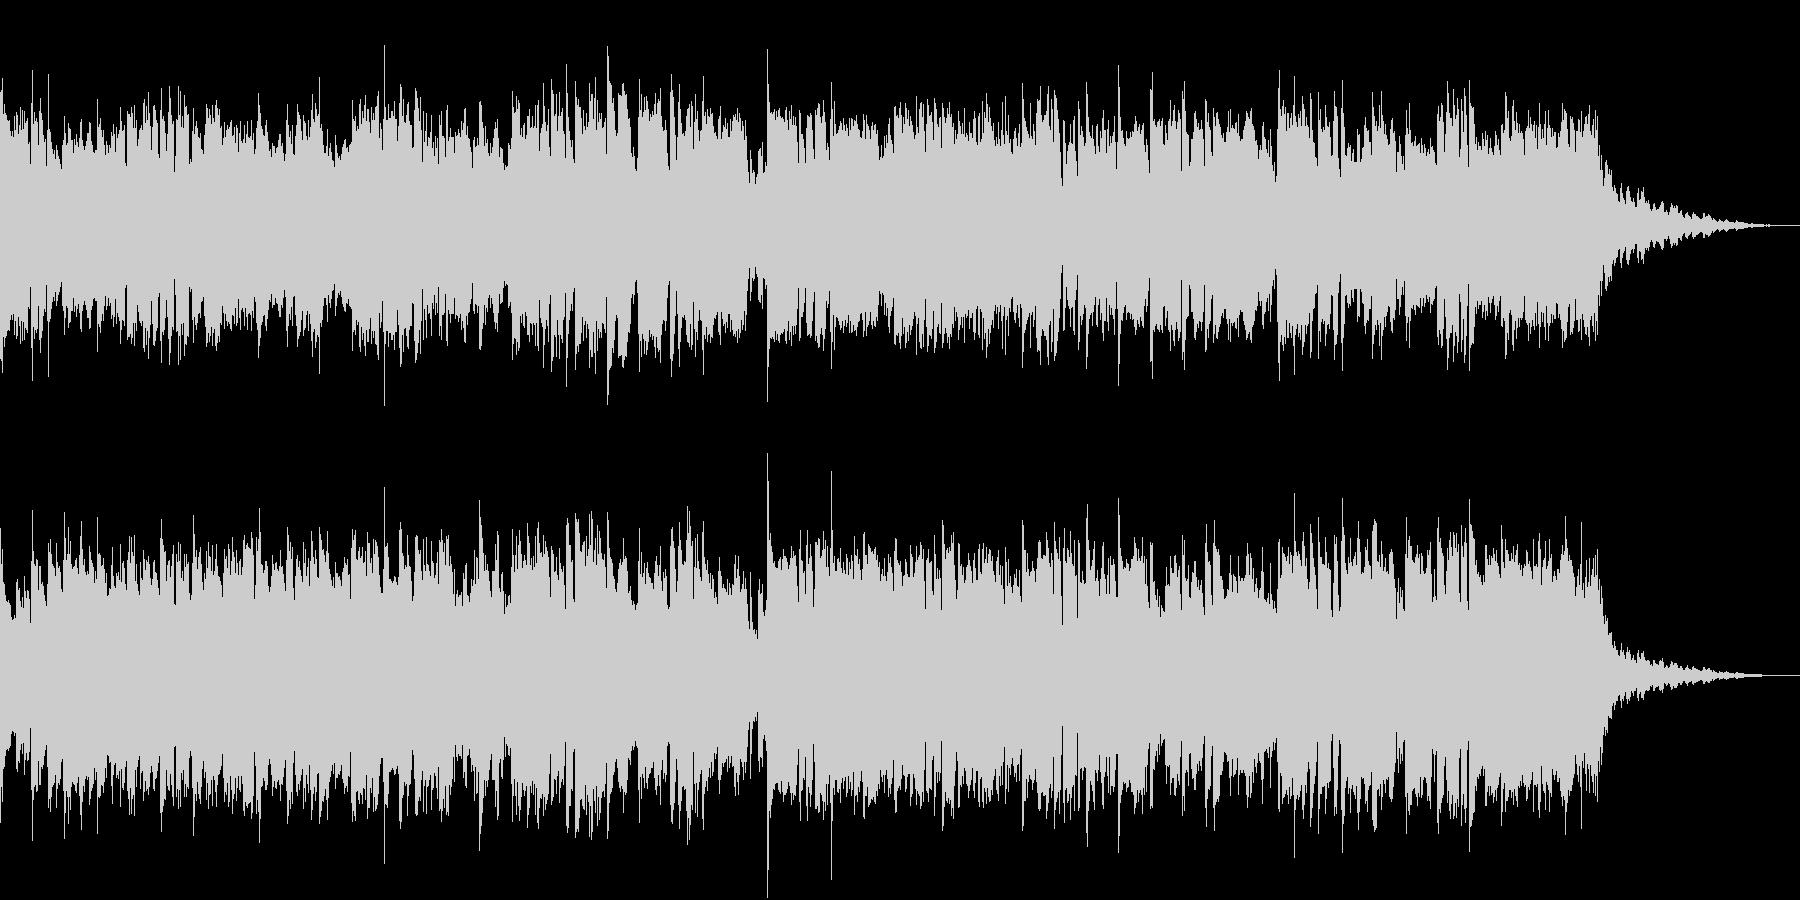 エルガー威風堂々アコースティックアレンジの未再生の波形